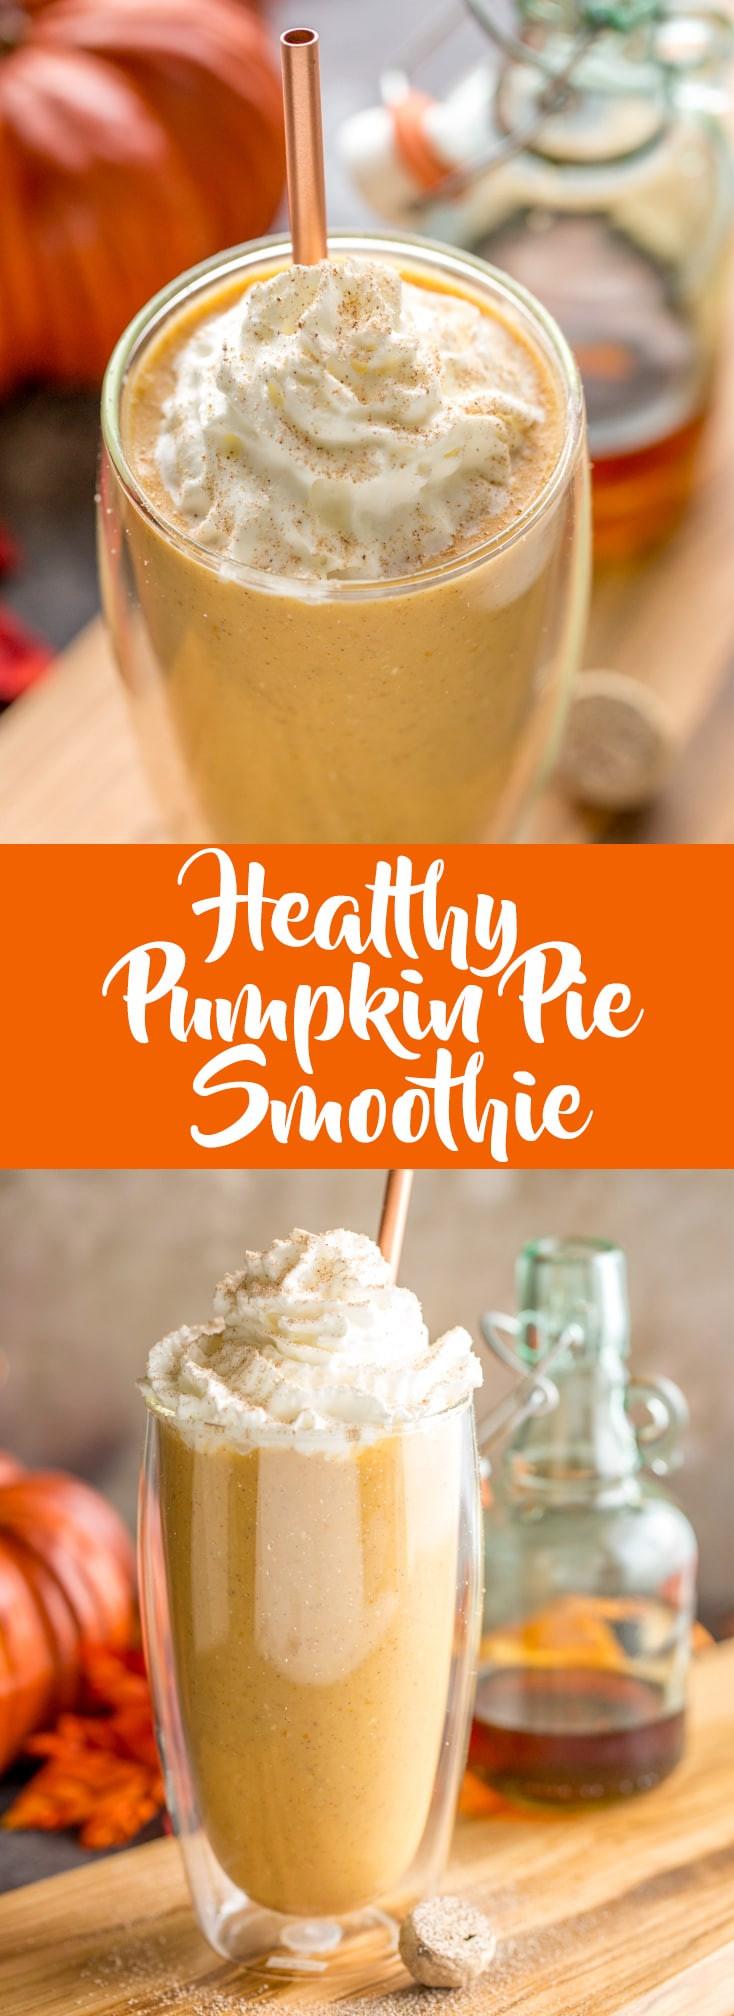 Healthy Pumpkin Pie Smoothie  Healthy Pumpkin Pie Smoothie Fox and Briar